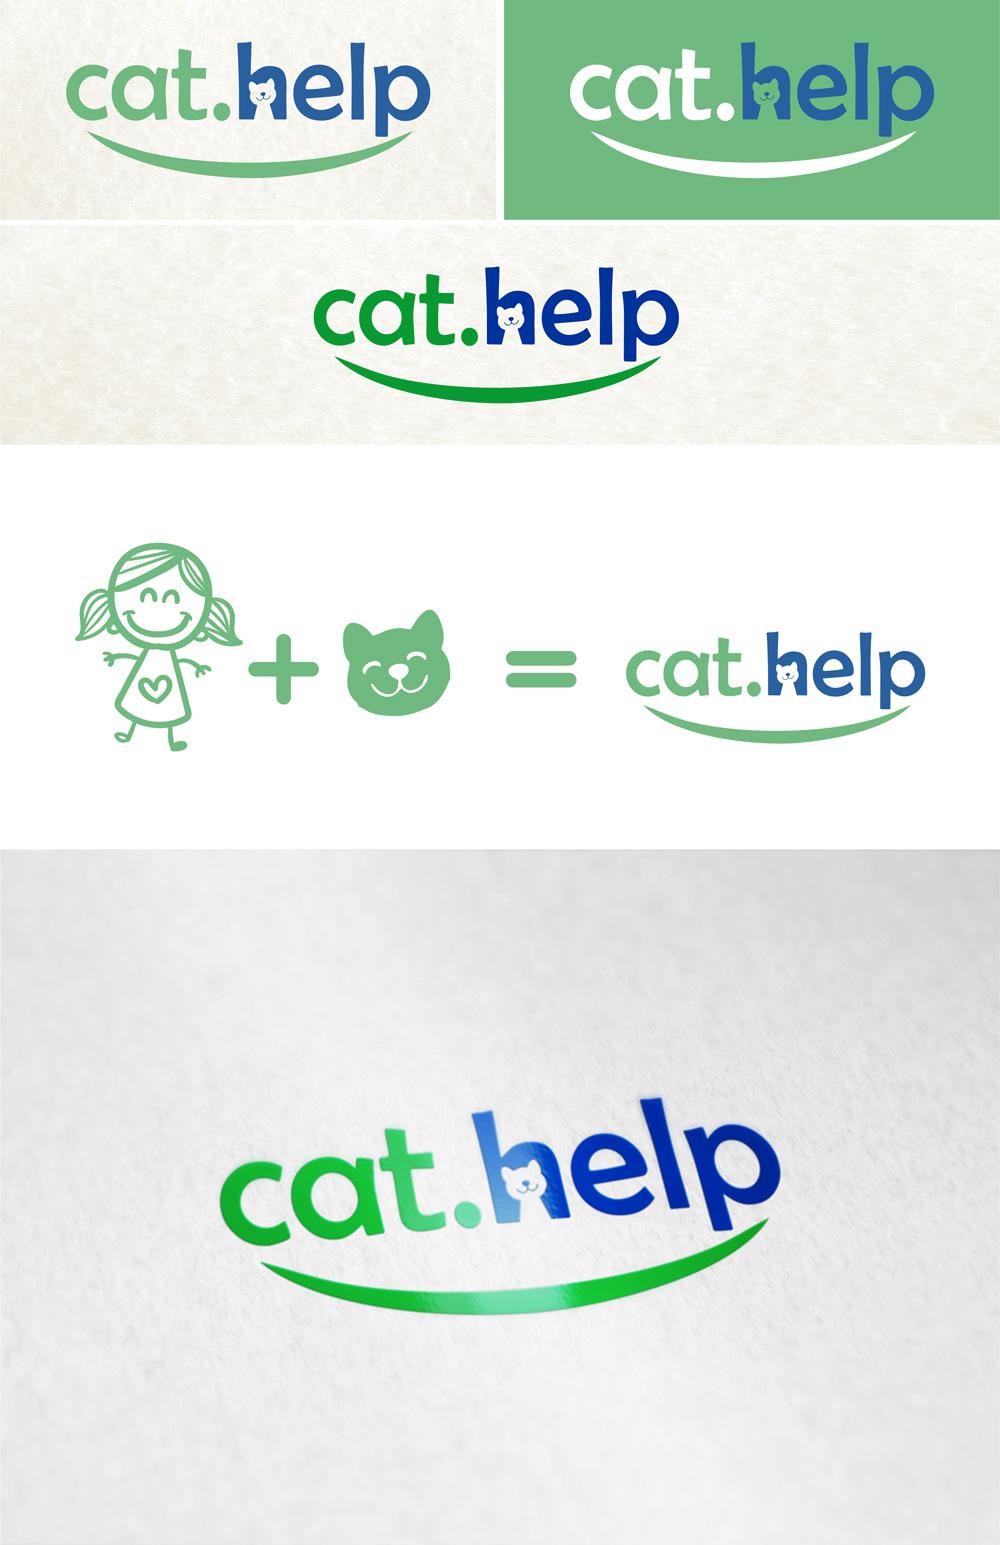 логотип для сайта и группы вк - cat.help фото f_58559e43c6b4fc44.jpg